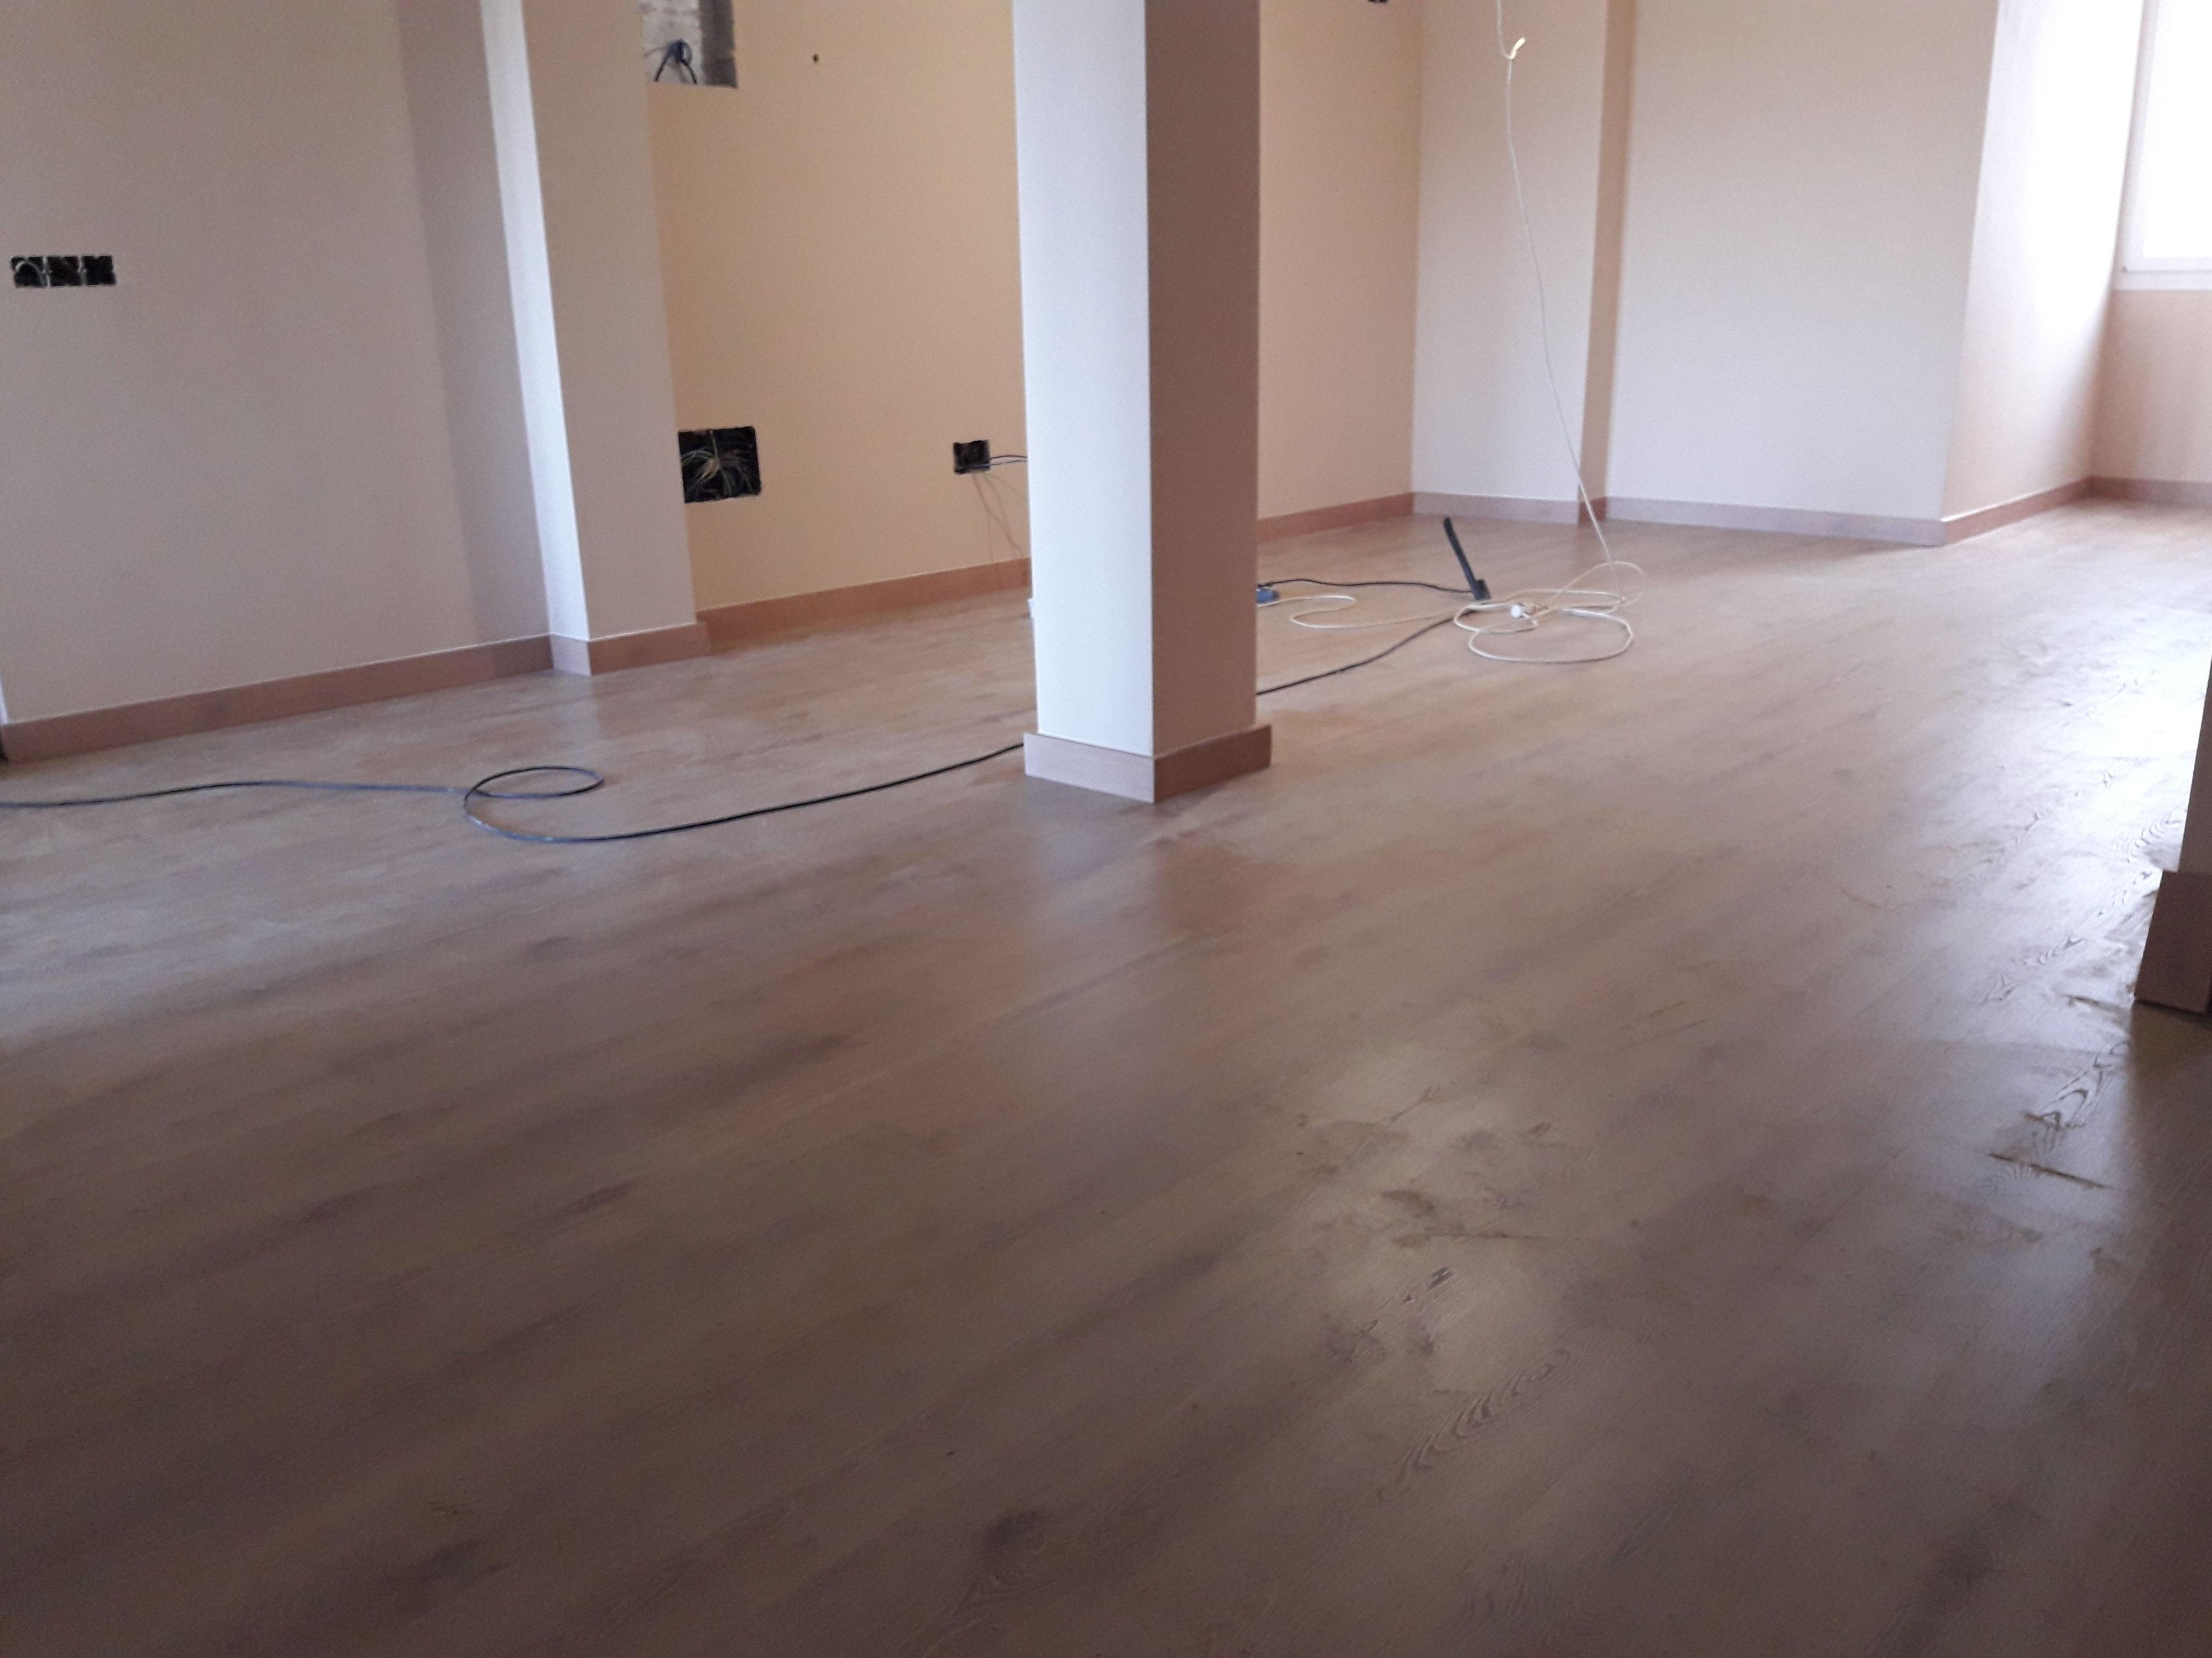 Instalación de Suelo laminado en vivienda. San Roque (Cádiz) por instalador de pavimentos, tarimas y suelo laminado. OFERTAS www.instaladordetarima.com